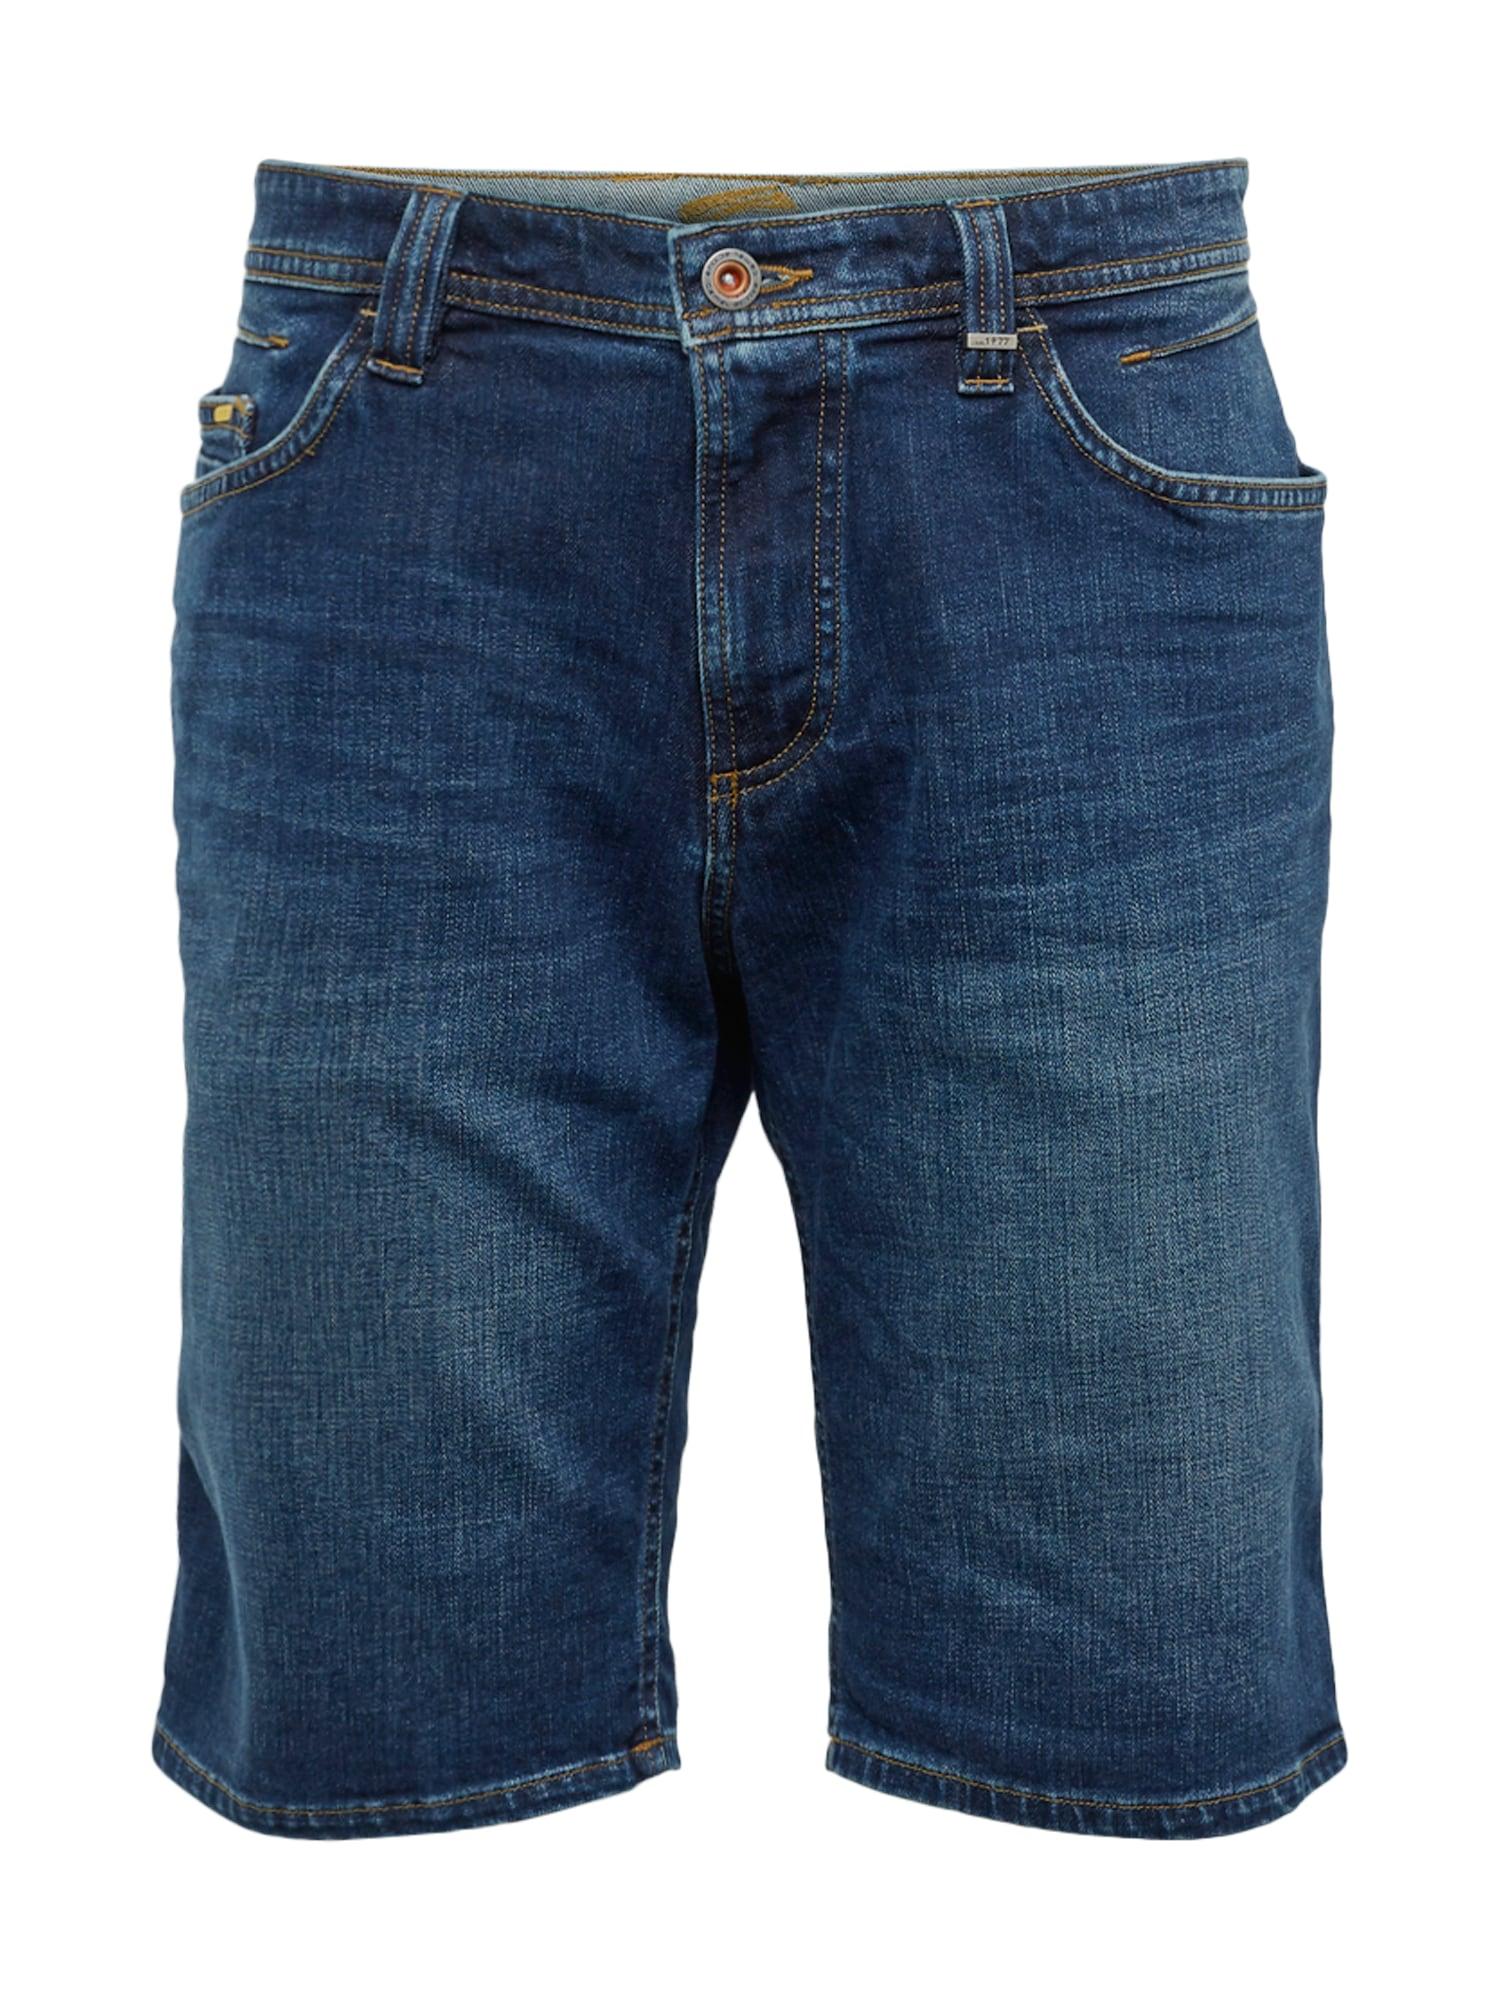 Kalhoty SHORTS modrá džínovina CAMEL ACTIVE